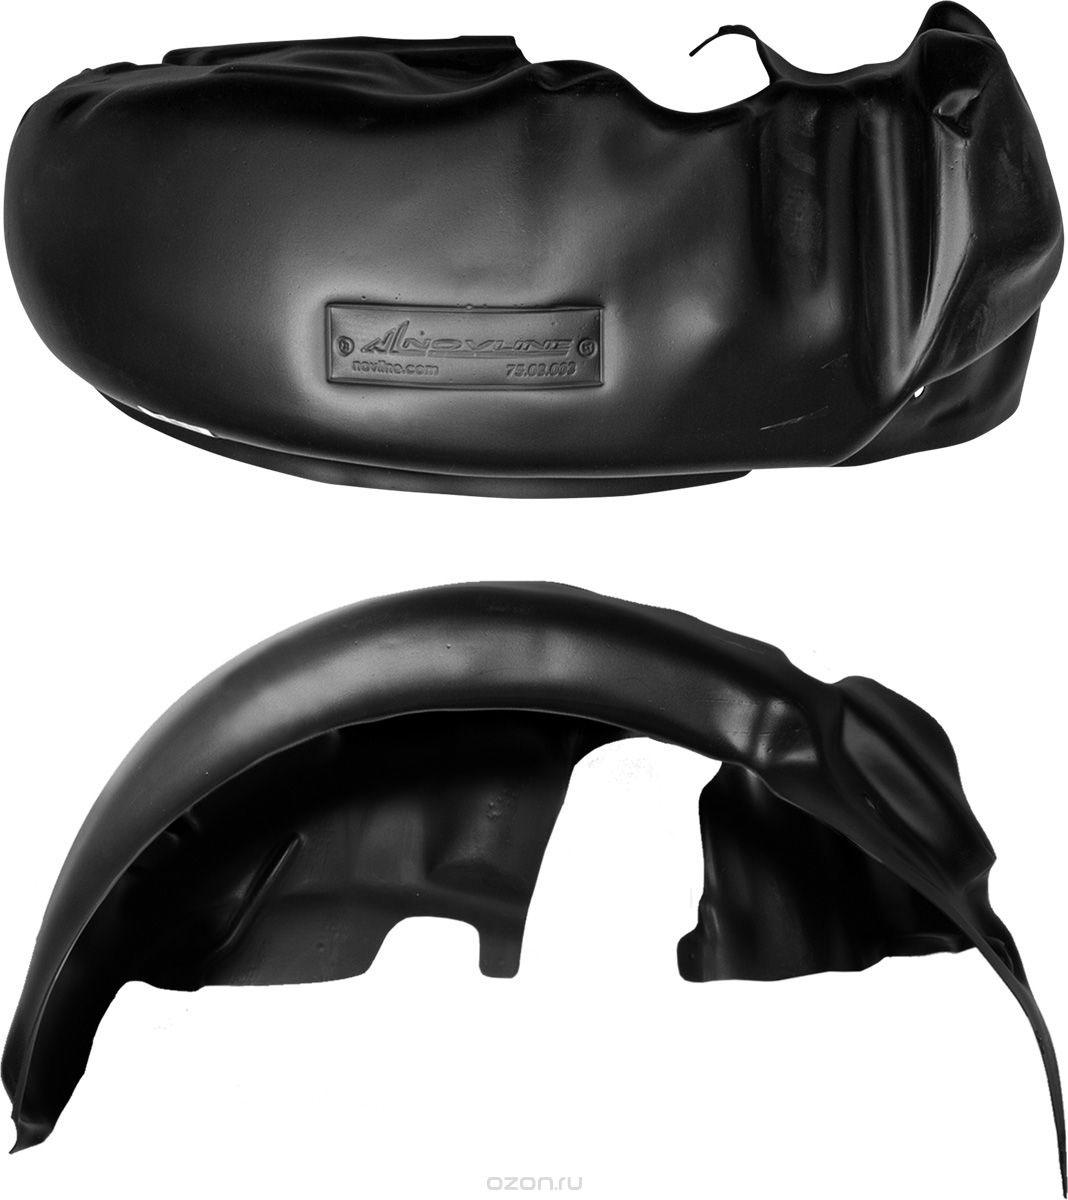 Подкрылок Novline-Autofamily, для MAZDA 3, 2013->, хб., сед., задний правый42305008Идеальная защита колесной ниши. Локеры разработаны с применением цифровых технологий, гарантируют максимальную повторяемость поверхности арки. Изделия устанавливаются без нарушения лакокрасочного покрытия автомобиля, каждый подкрылок комплектуется крепежом. Уважаемые клиенты, обращаем ваше внимание, что фотографии на подкрылки универсальные и не отражают реальную форму изделия. При этом само изделие идет точно под размер указанного автомобиля.